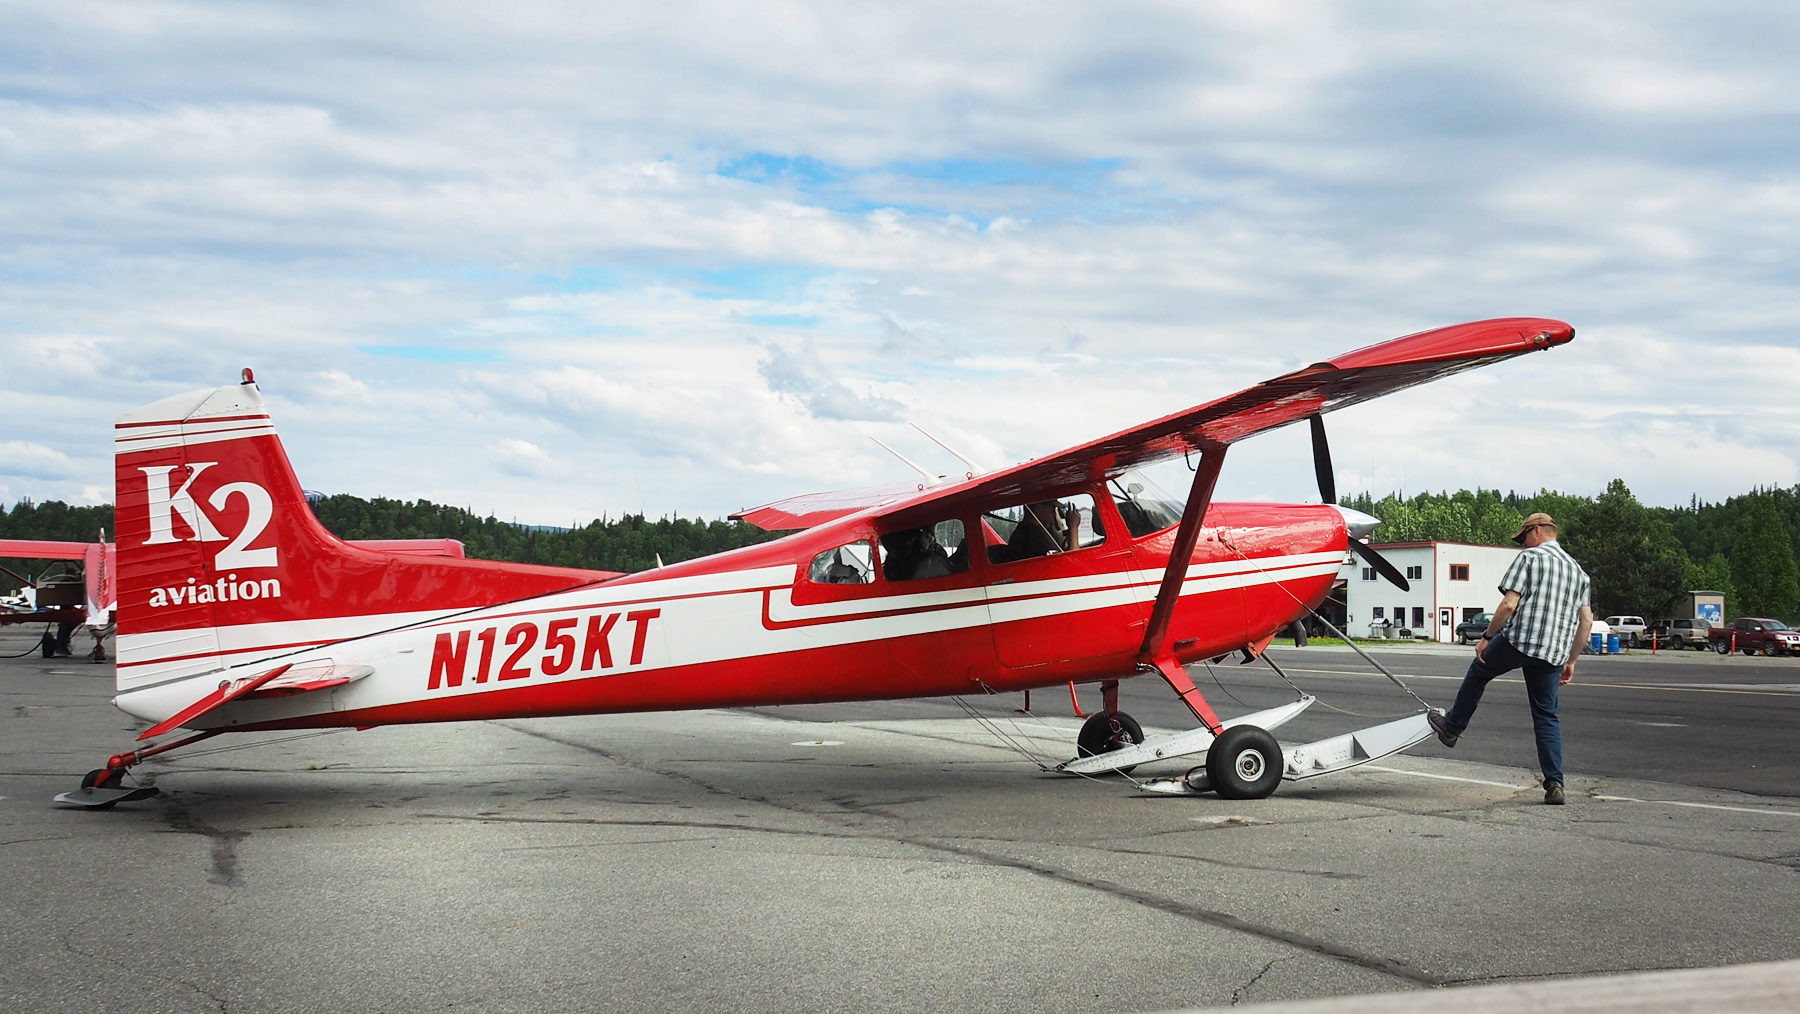 Flug von Talkeetna über die Denali Range